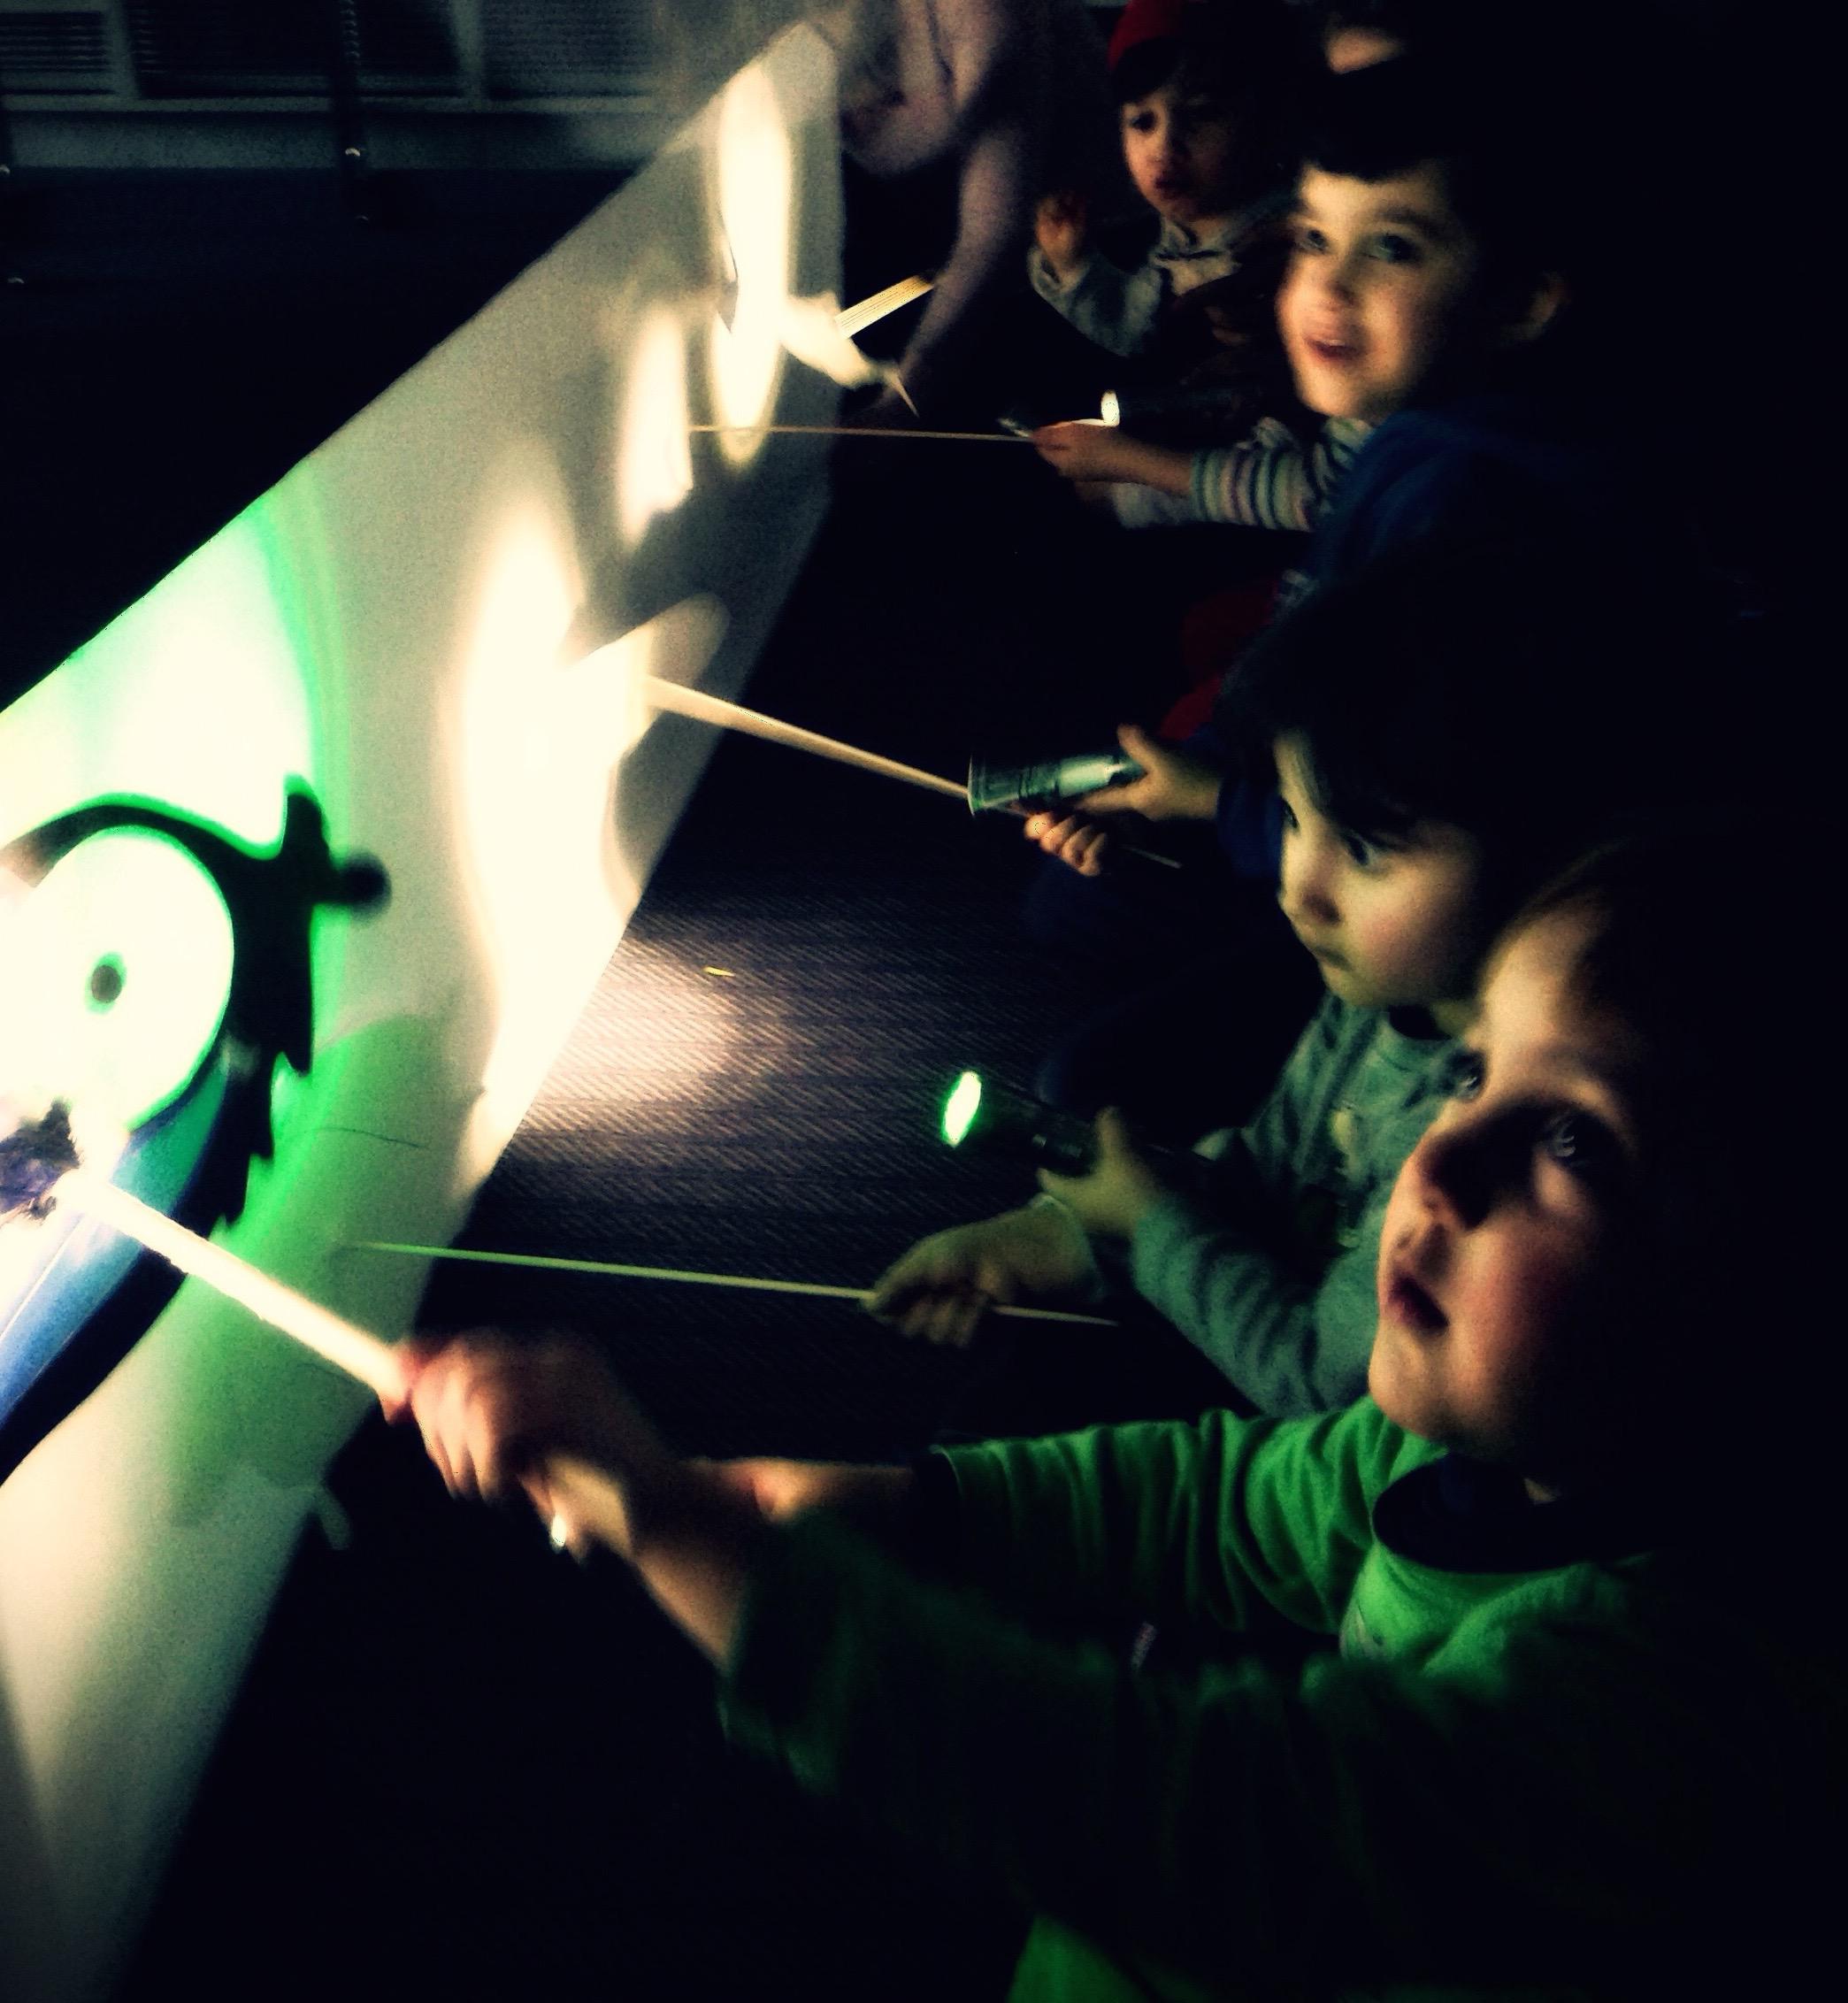 Kohtaamisia vastaanottokeskuksessa.  Keväällä 2016 Maria Baric Company järjesti vastaanottokeskuksen pakolaislapsille ja -nuorille musiikki- ja varjoteatterityöpajoja, joissa lapset työstivät yhdessä esityksen.  Heidän tarinansa.  Projekti toteutettiin yhteistyössä mm. monikulttuurisen Orkesteri Tempon kanssa.